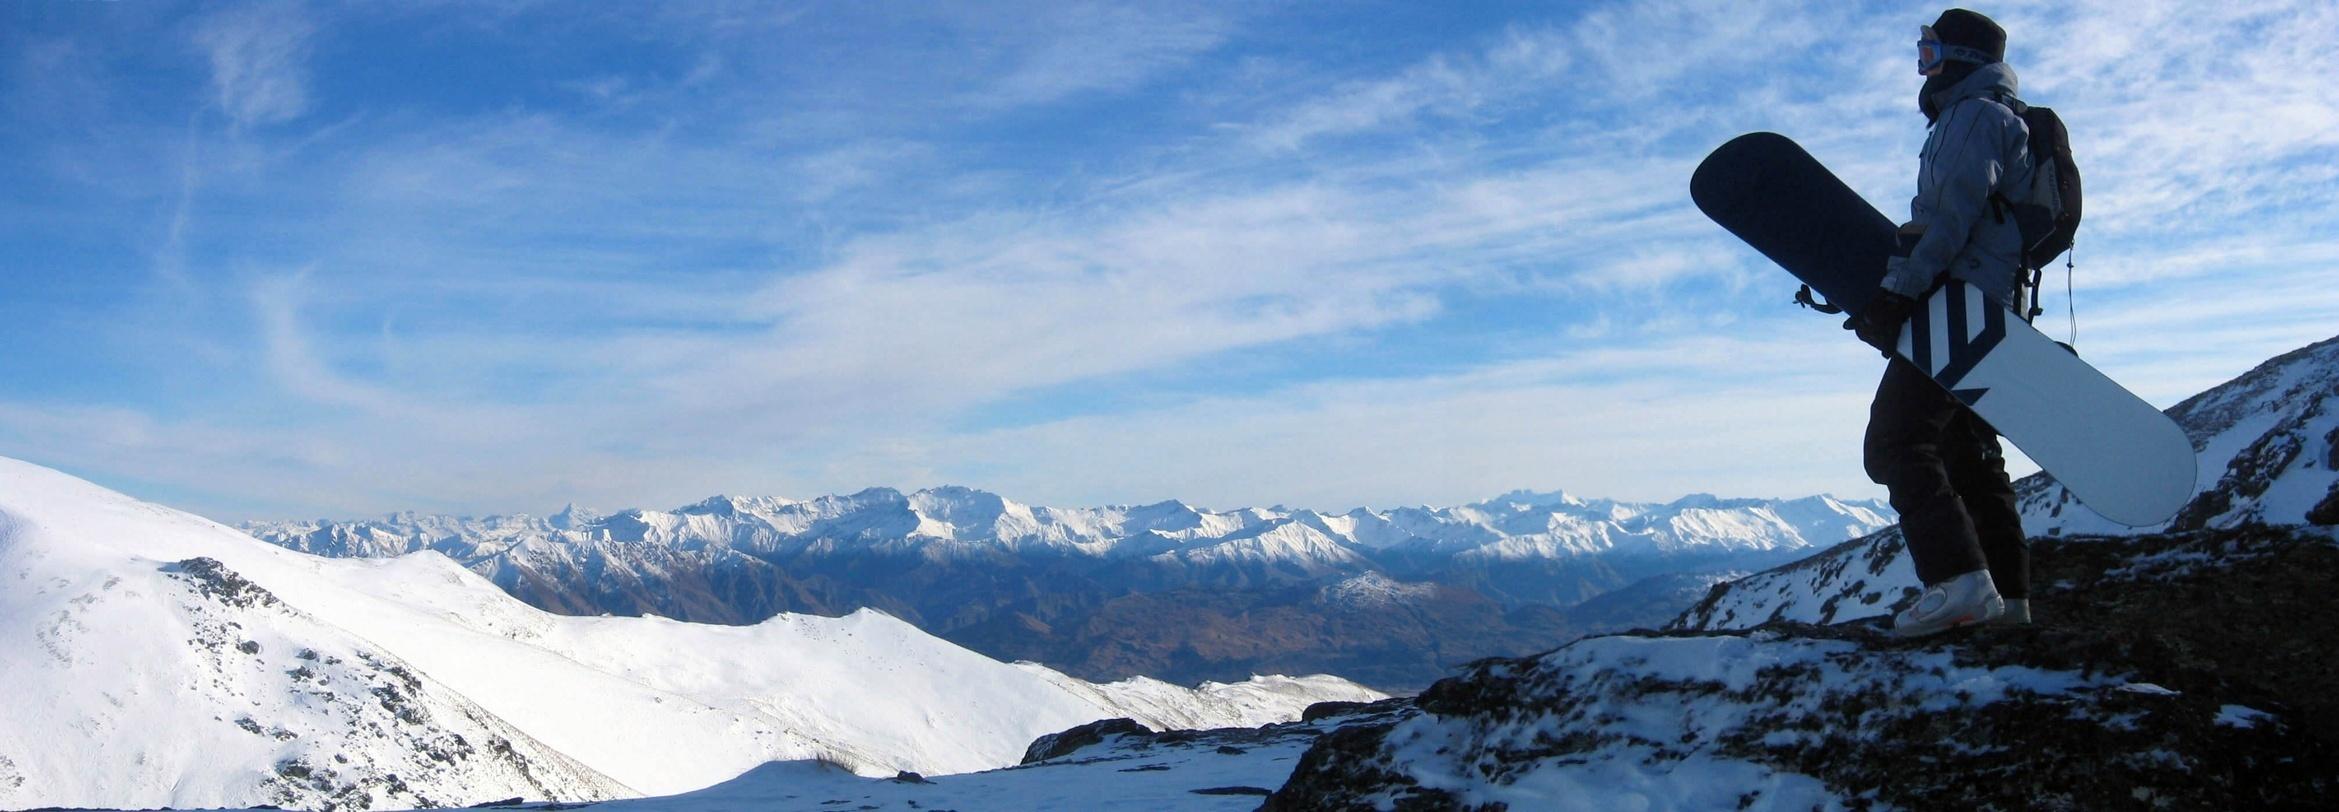 montagne-neige-et-ski